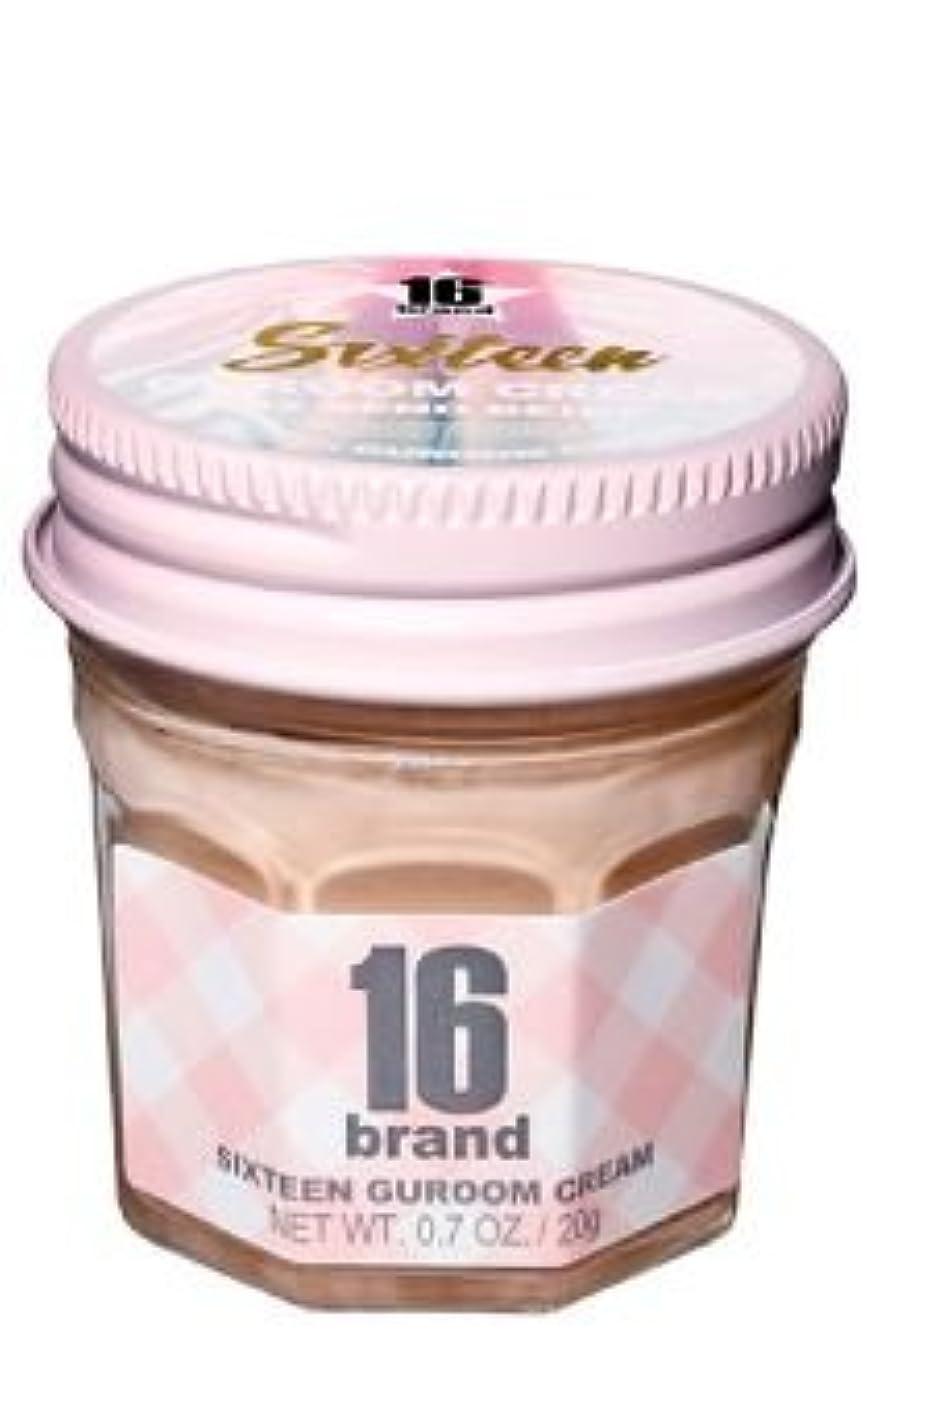 スキーテクスチャーブラインド16brand Sixteen Guroom Cream Foundation 20g/16ブランド シックスティーン クルム クリーム ファンデーション 20g (#2 Sand Beige) [並行輸入品]